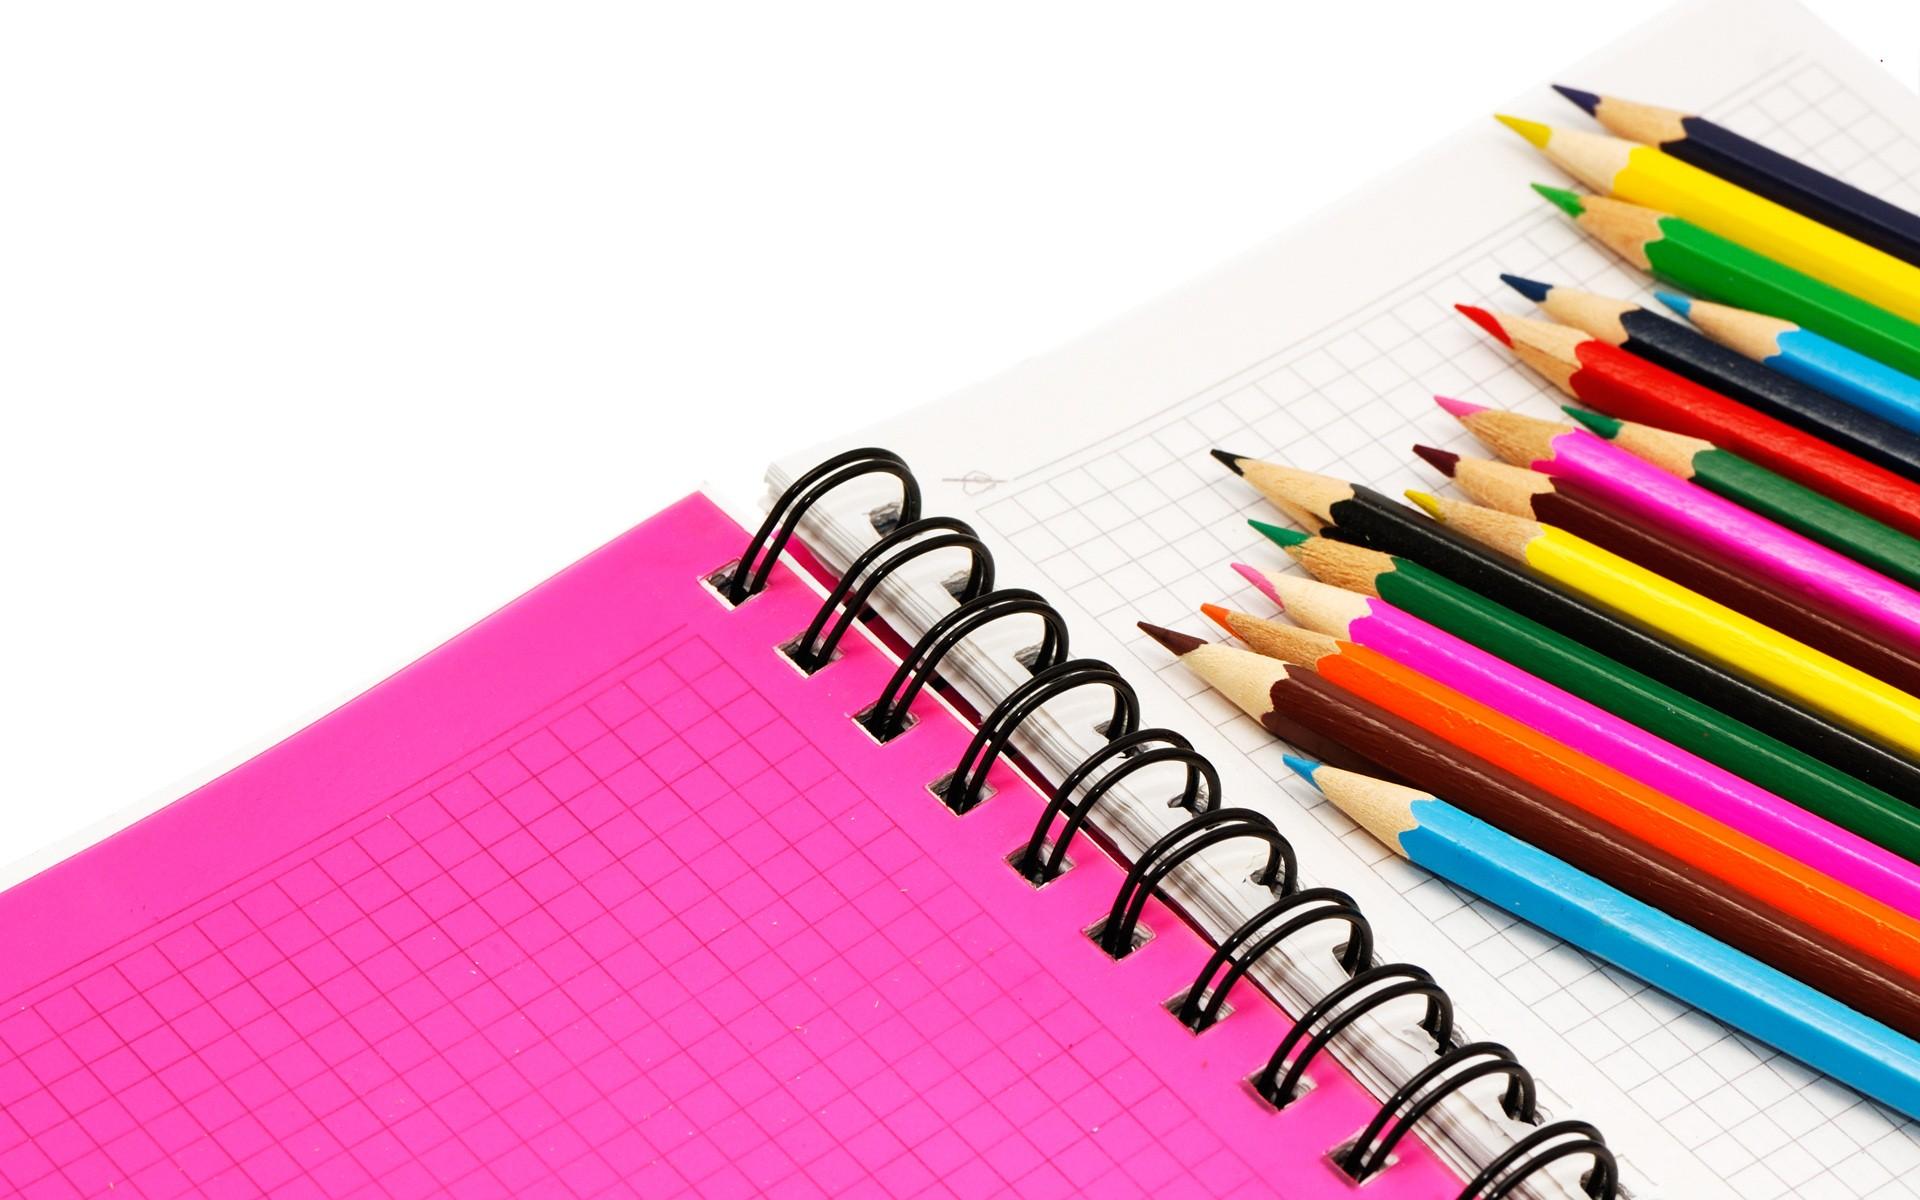 Colores y cuadernos - 1920x1200